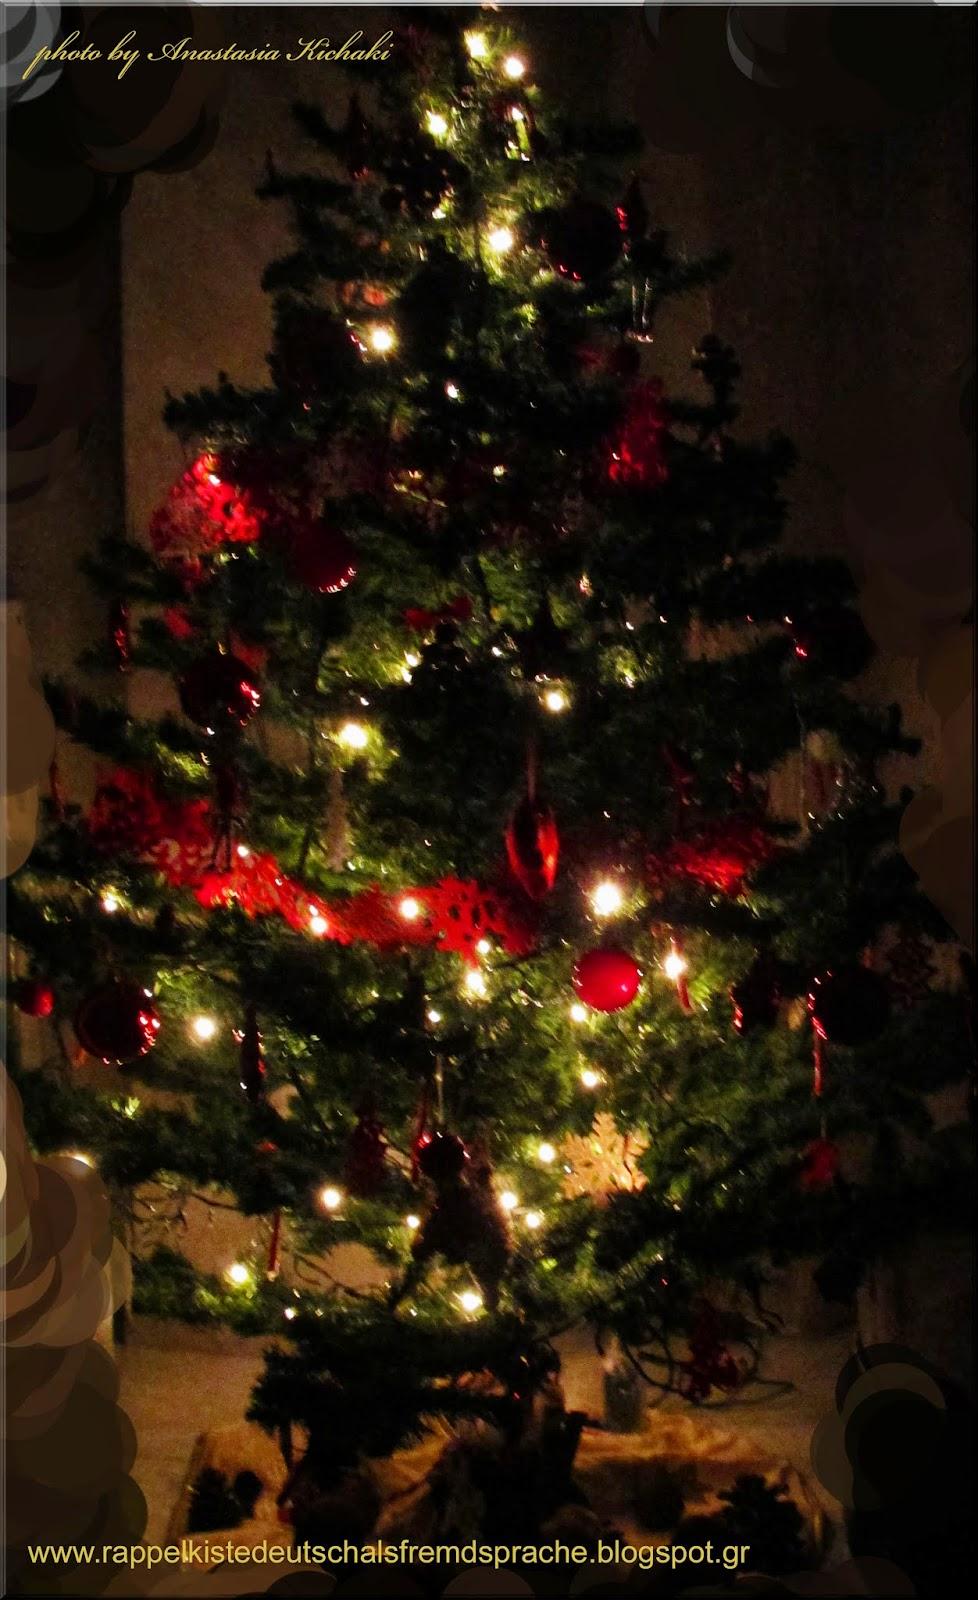 rappelkiste weihnachten weihnachtsbaum weihnachtsschiff. Black Bedroom Furniture Sets. Home Design Ideas